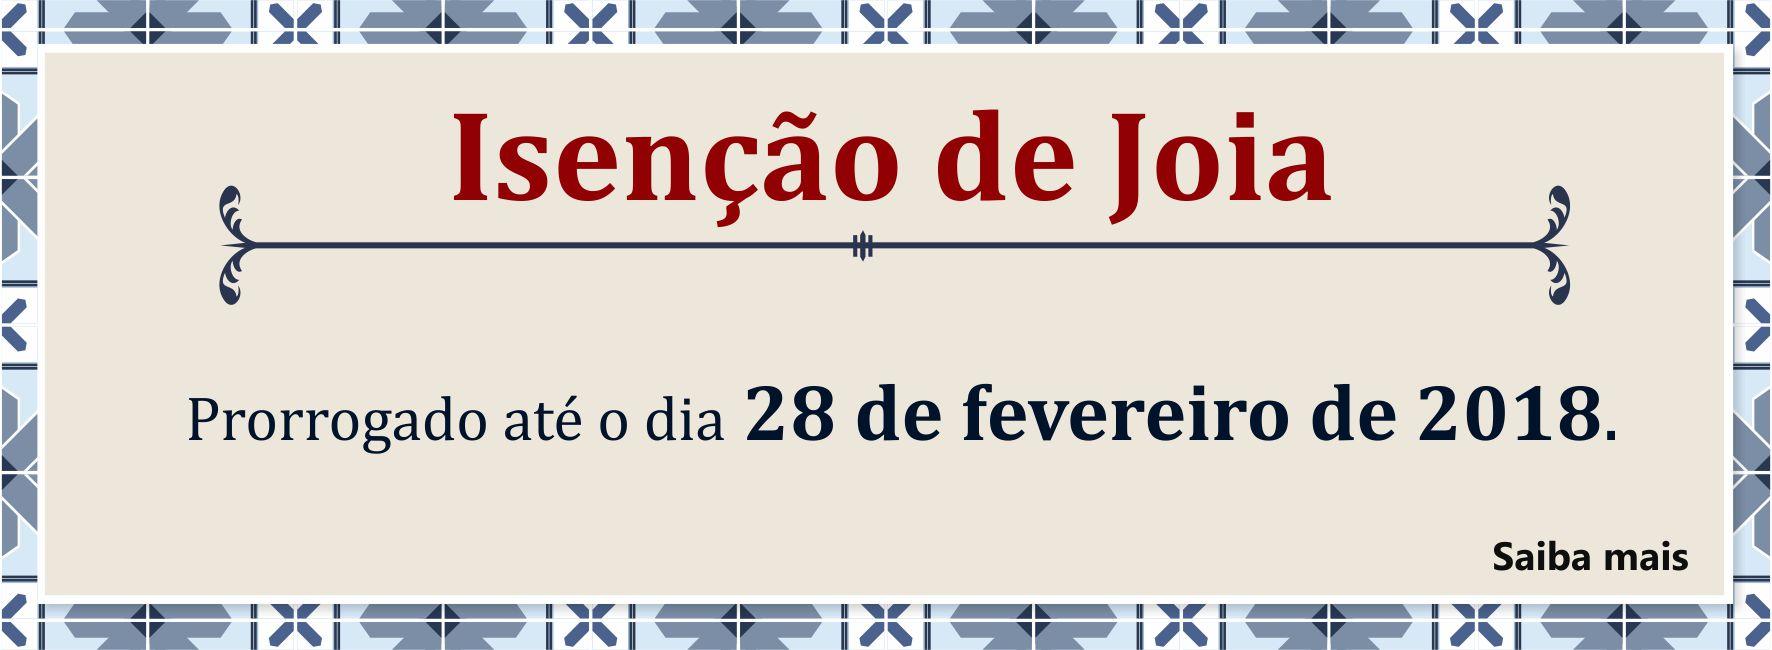 https://www.clubenaval.org.br/novo/admiss%C3%A3o-com-isen%C3%A7%C3%A3o-de-joia-2